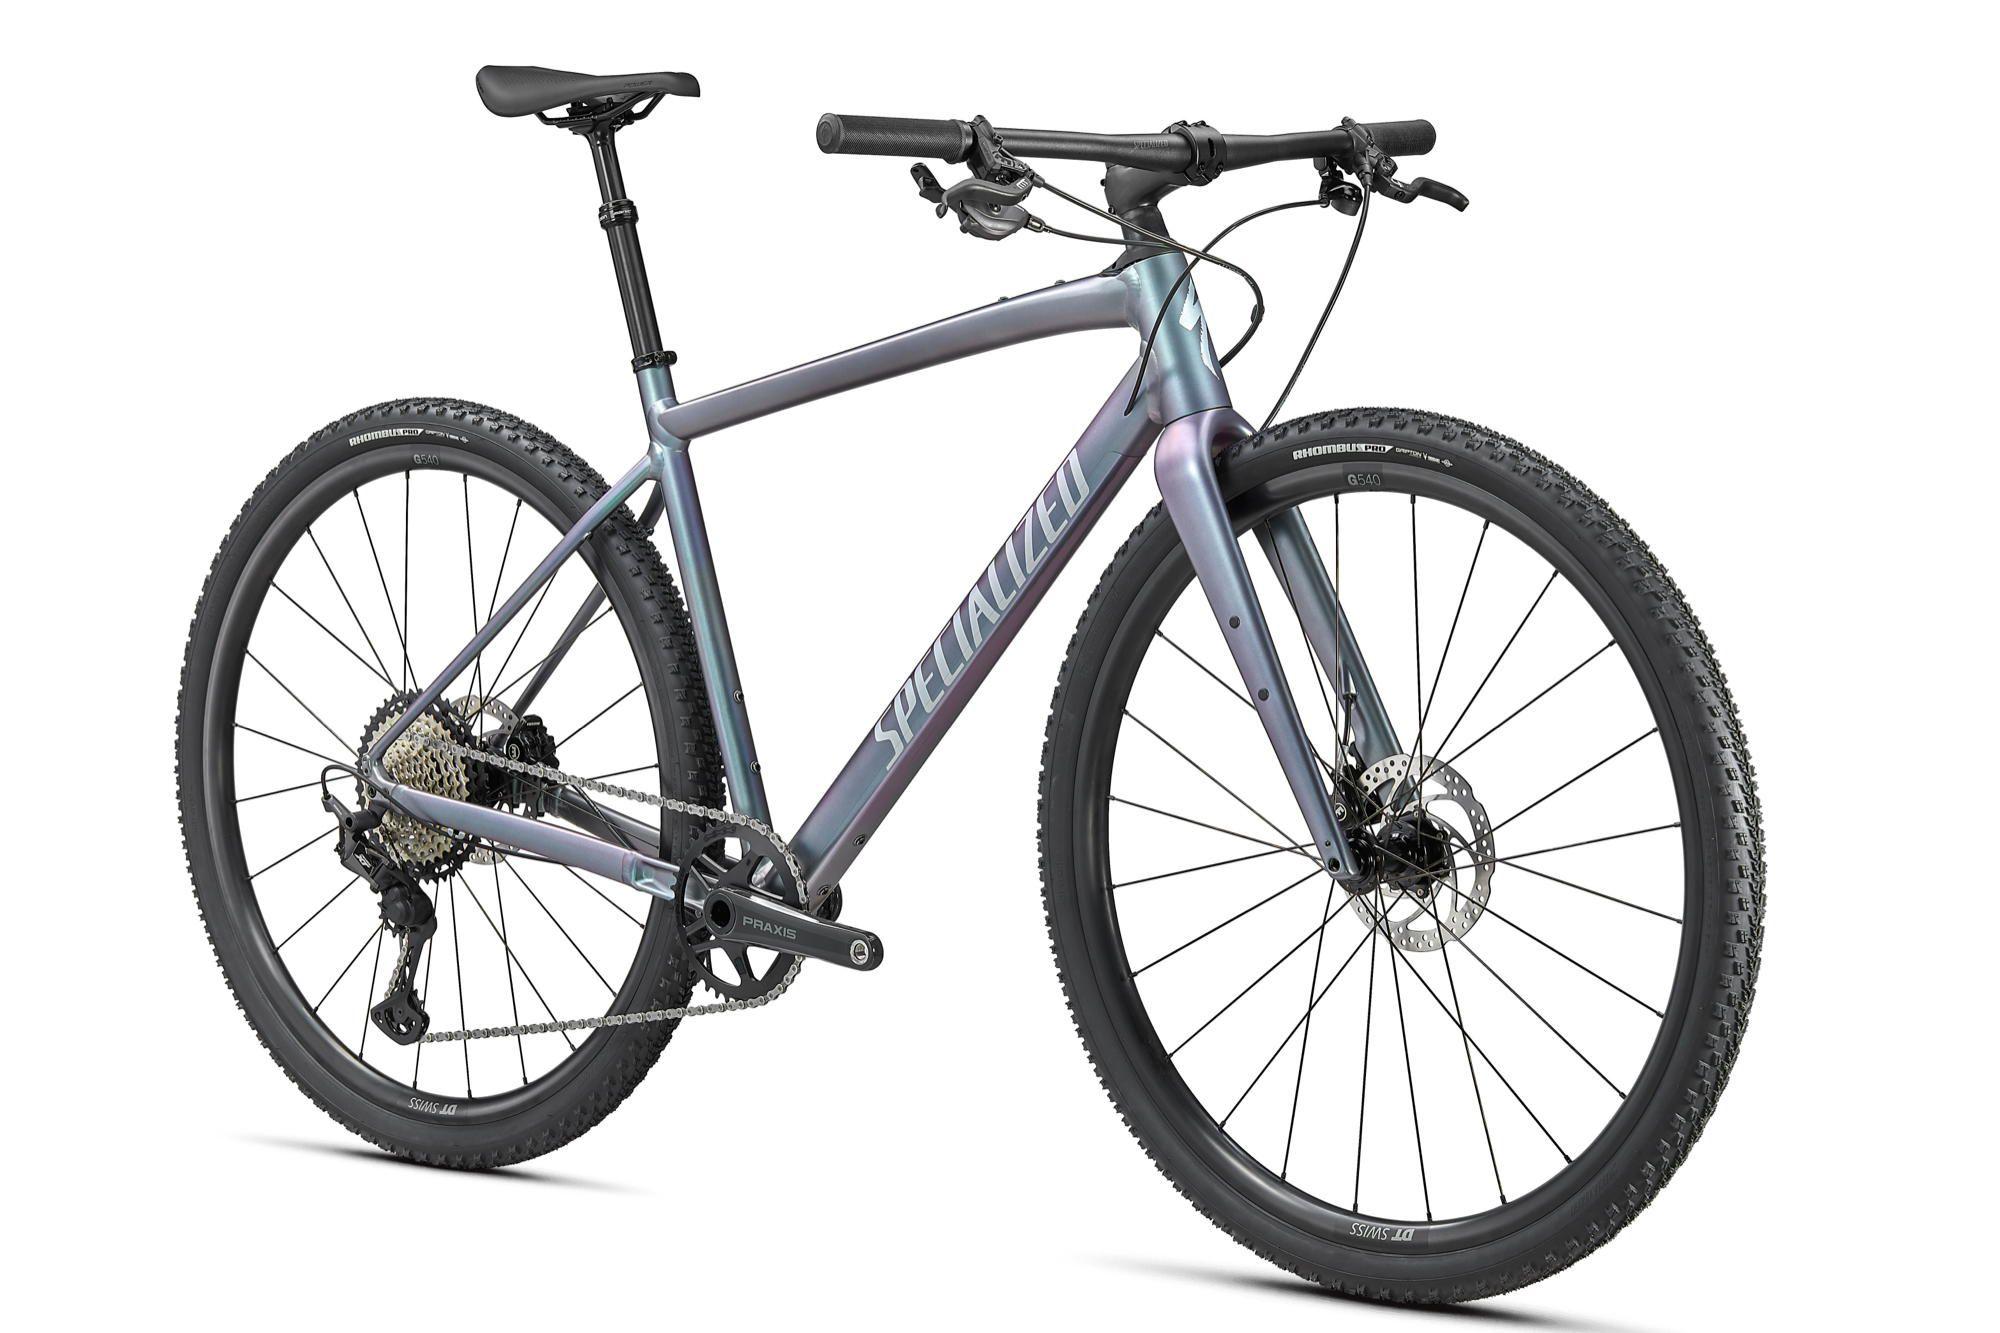 Specialized Diverge EVO je poskus gravel kolesa z ravnim krmilom.